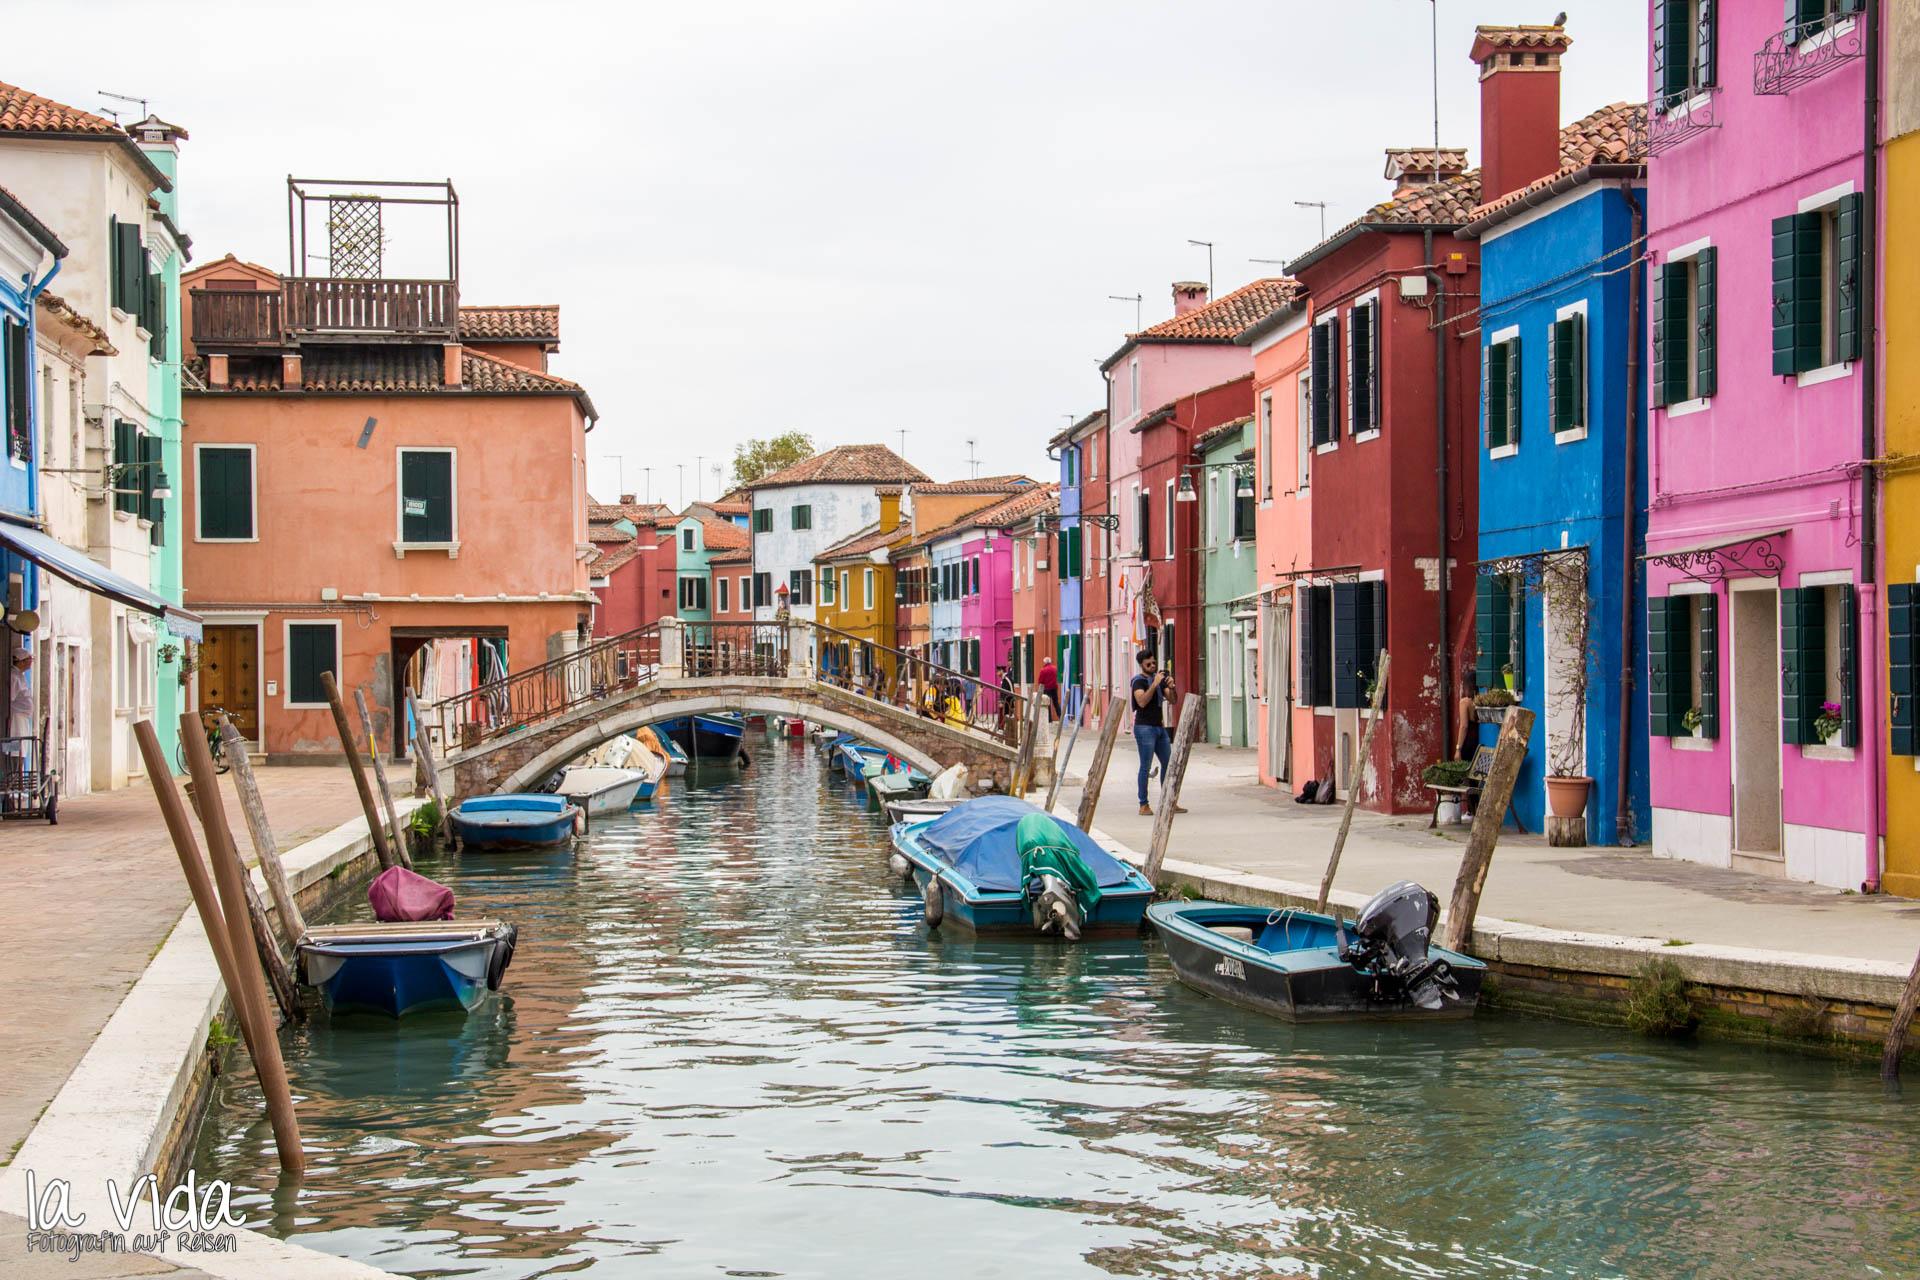 Bunt_Burano-Venedig